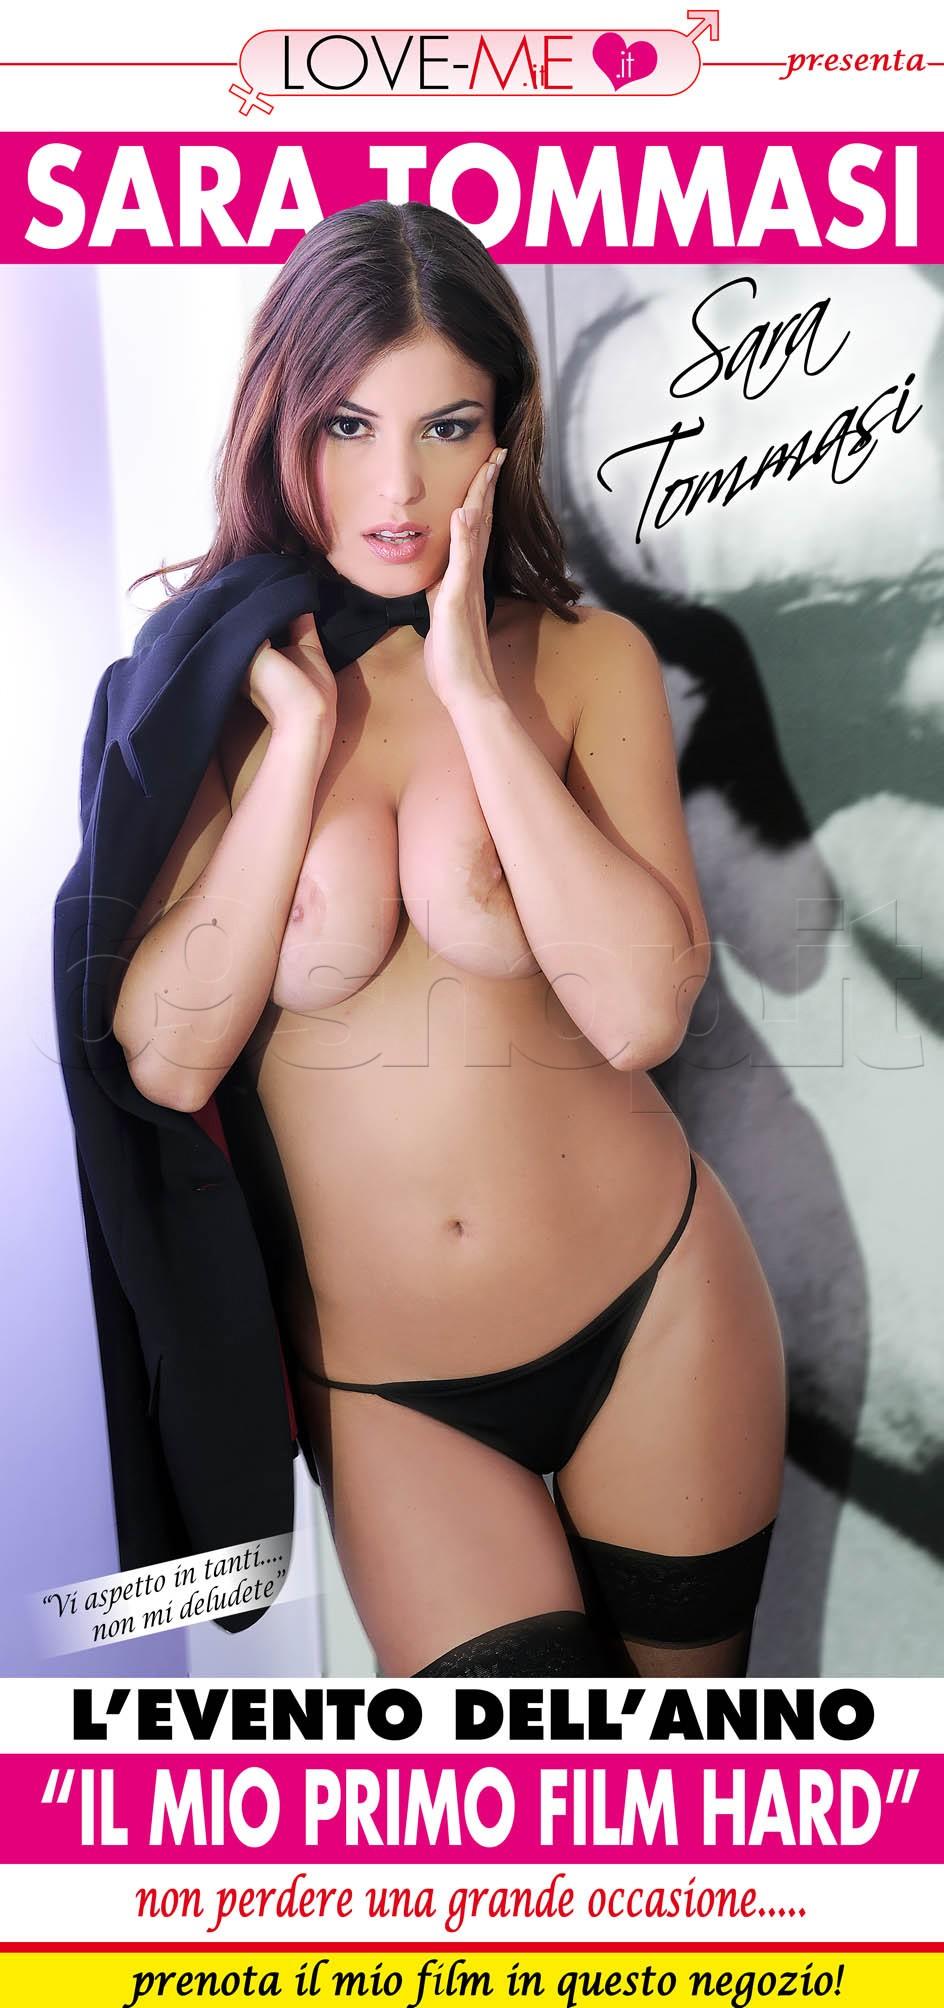 accessori erotici film erotici hot